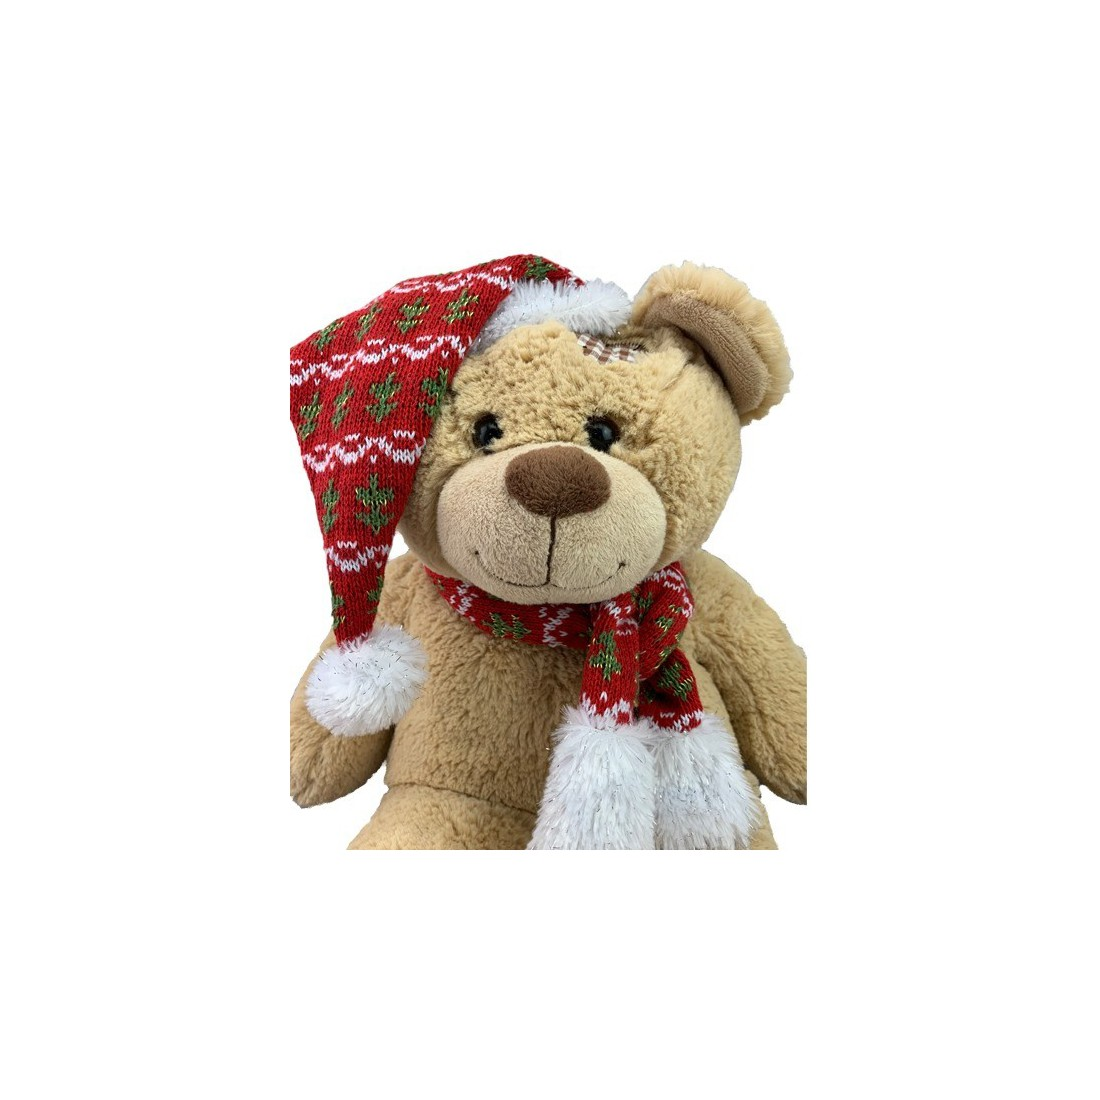 Bonnet et écharpe festive  , 40 cm